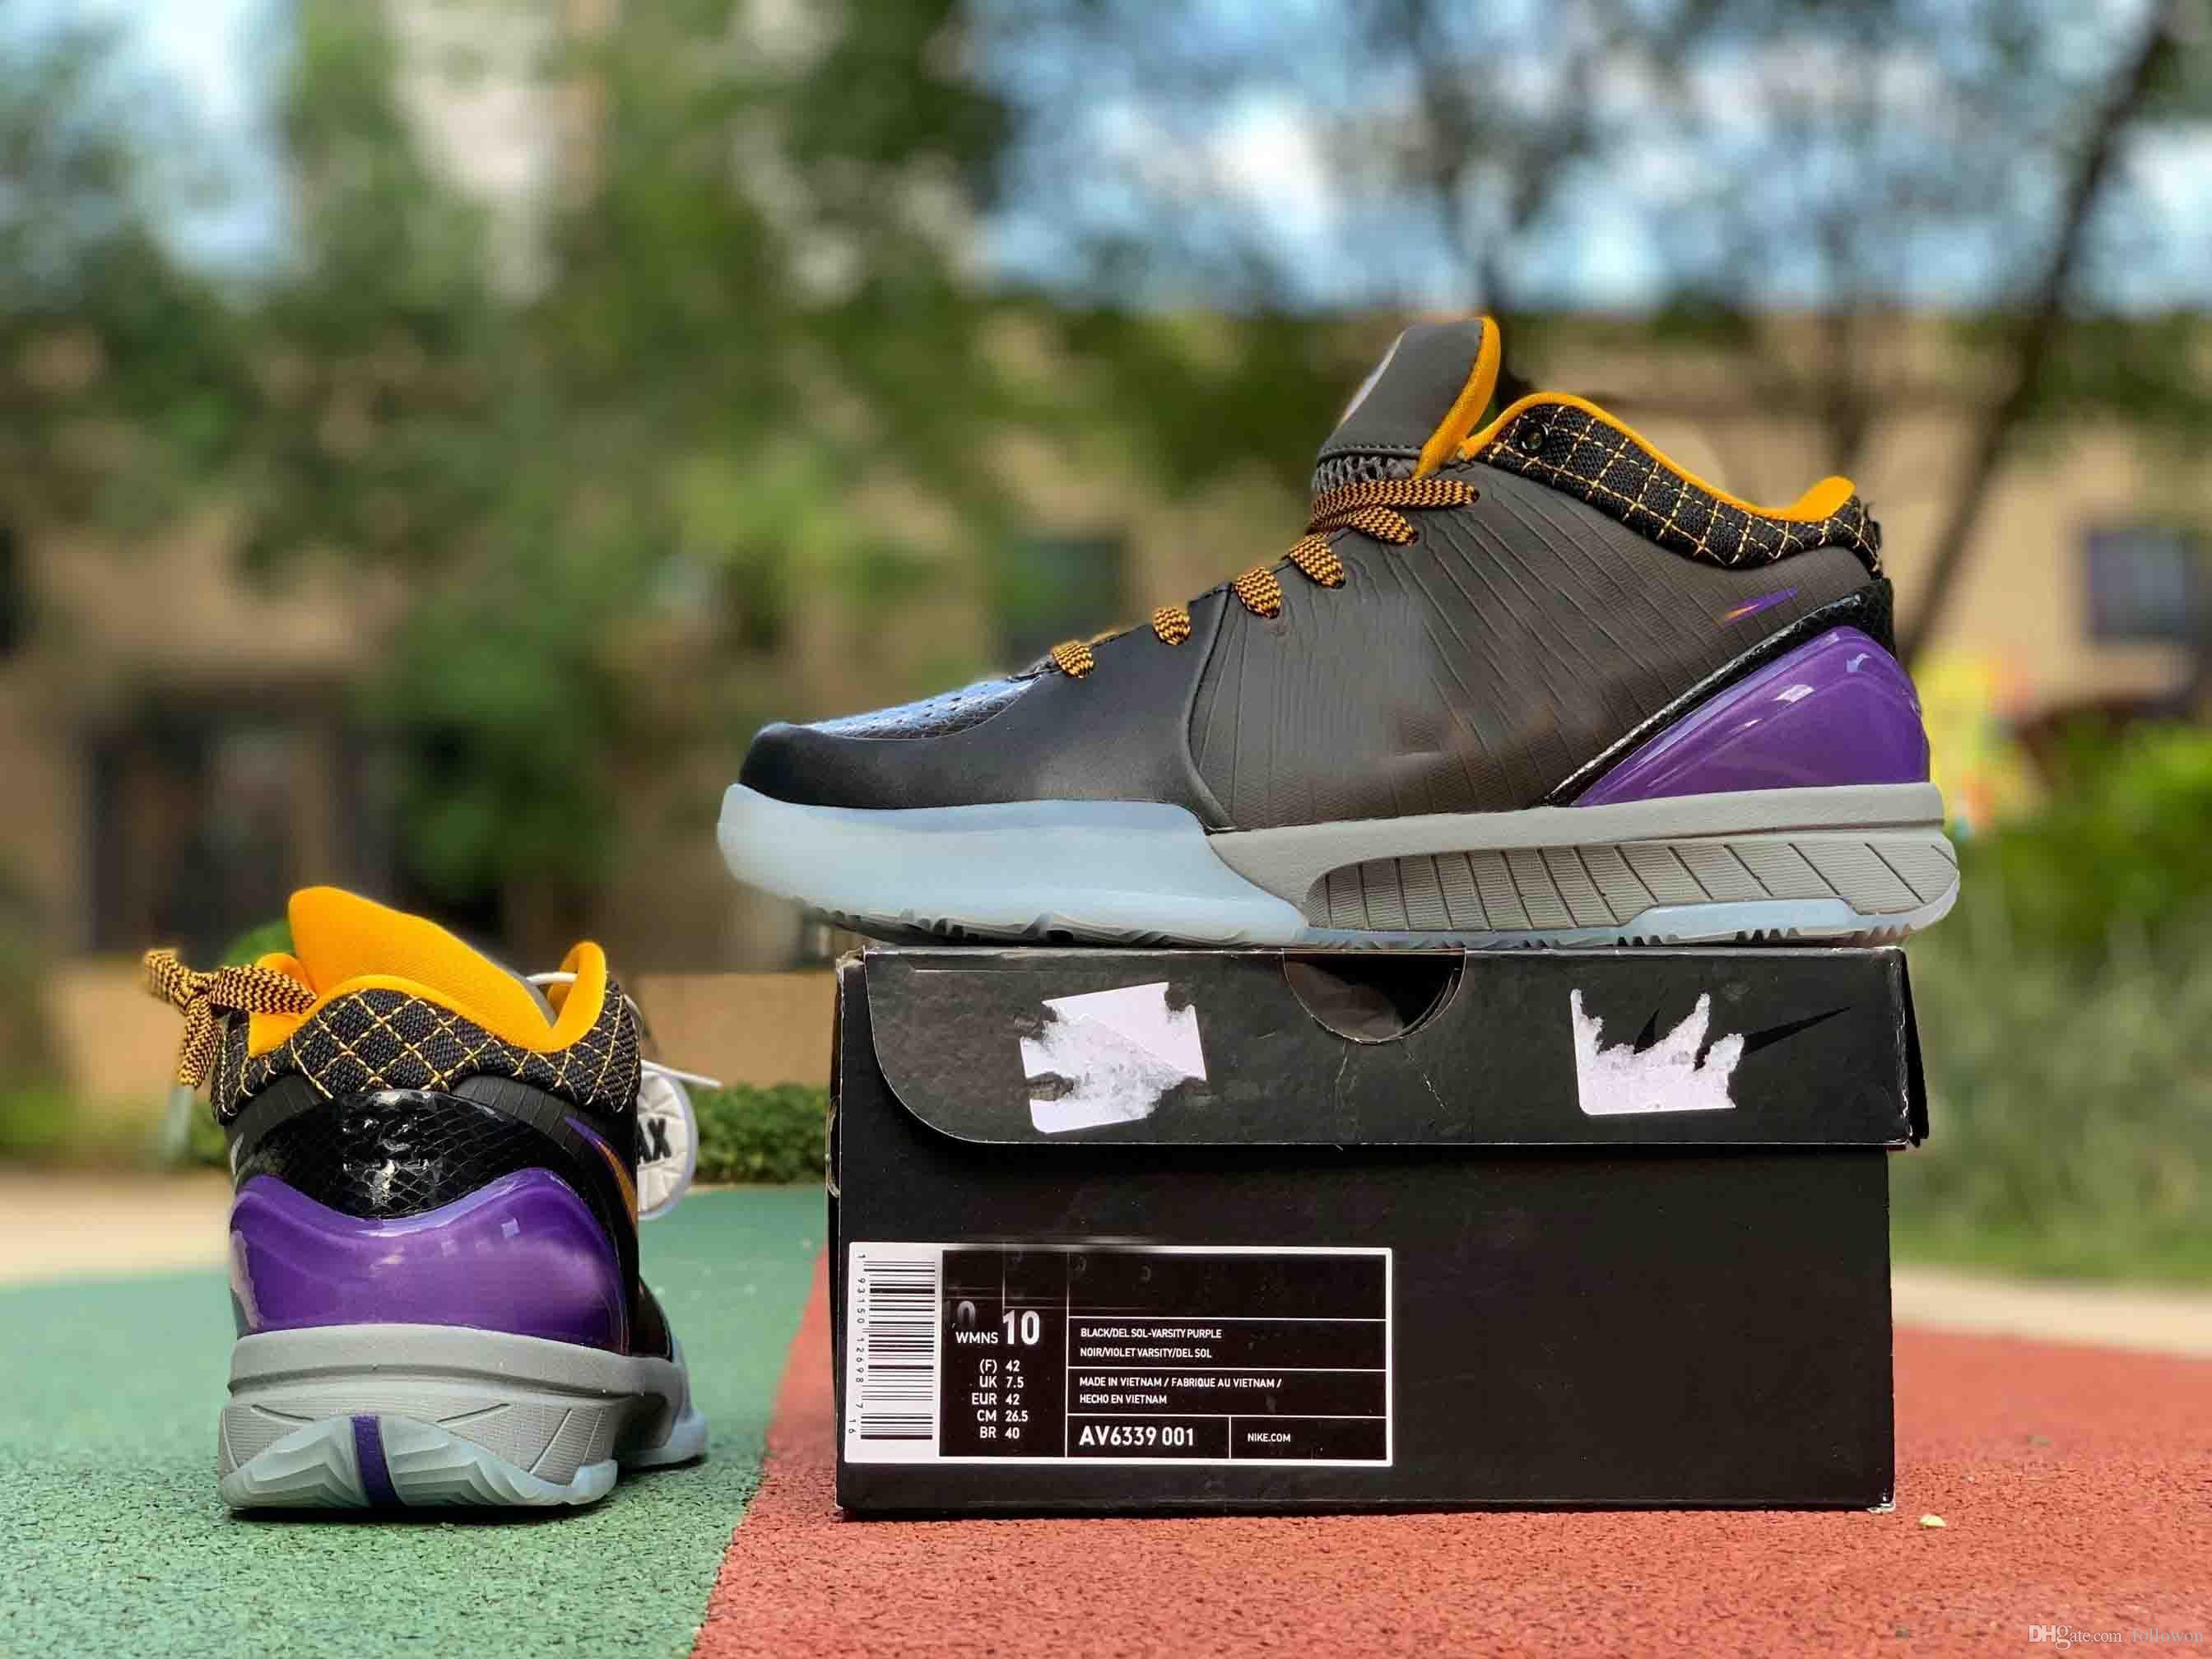 Nueva moda de lujo diseñador de baloncesto de lujo Protro para hombre zapatos de mujer hombre la zapatilla de deporte blanca tamaño de las zapatillas de deporte de la zapatilla deportiva mocasines 5-12 7339044